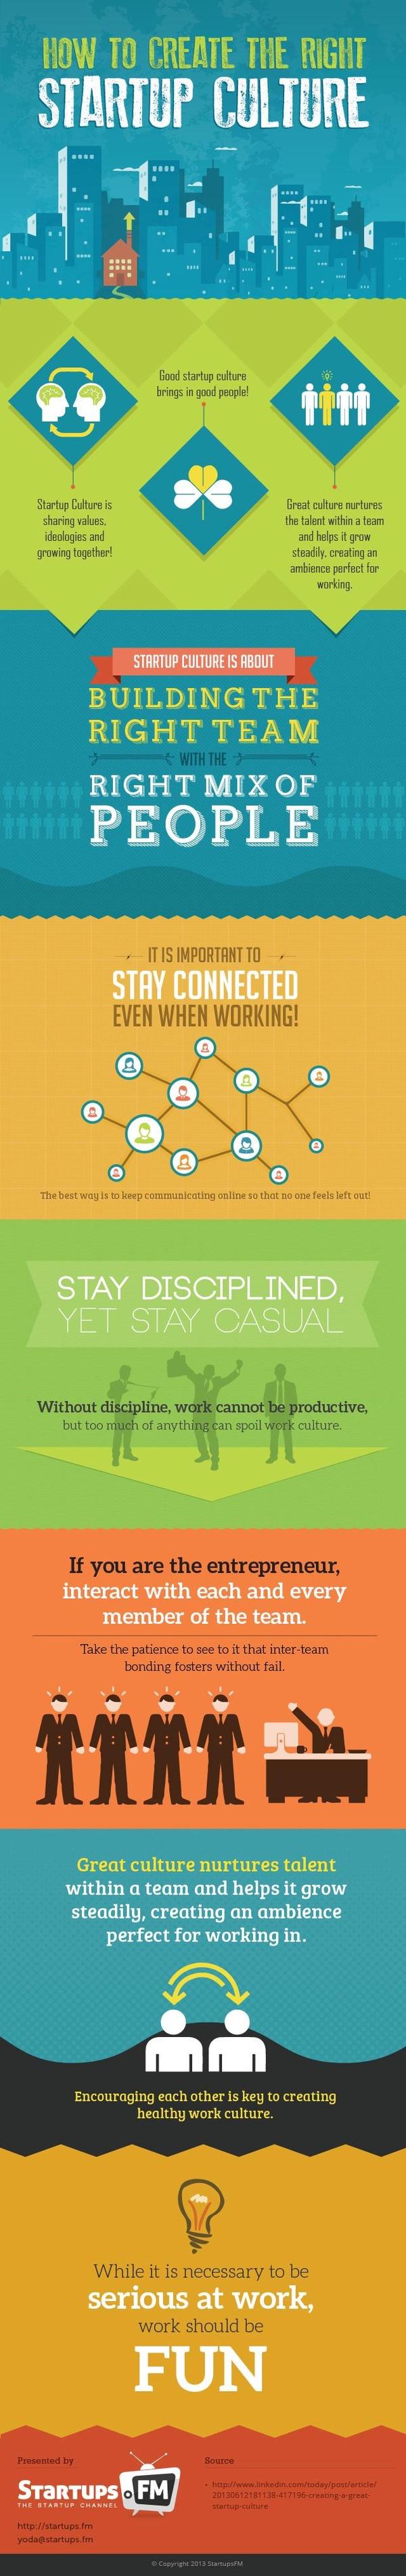 cultura-organizacional-startup-equipo-de-trabajo-multidisciplinar